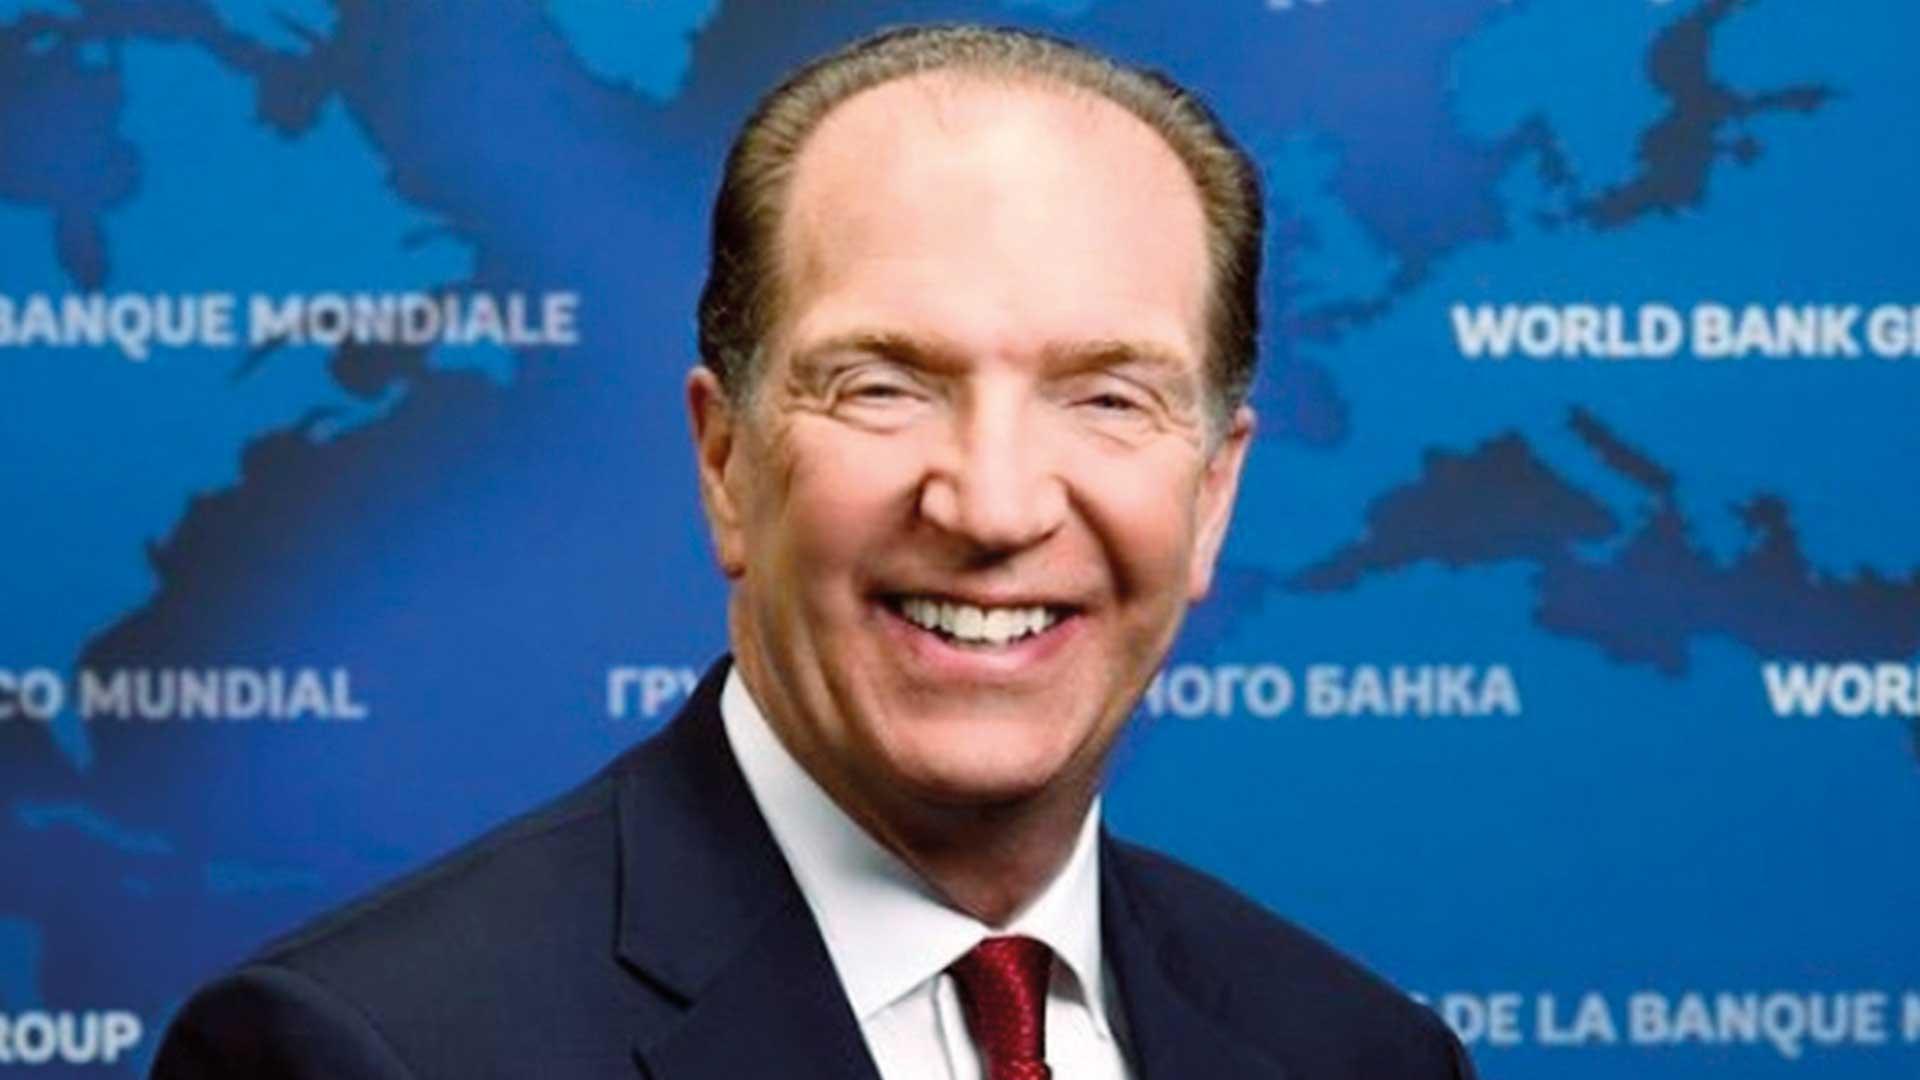 Banque mondiale: David Malpass, nouveau président